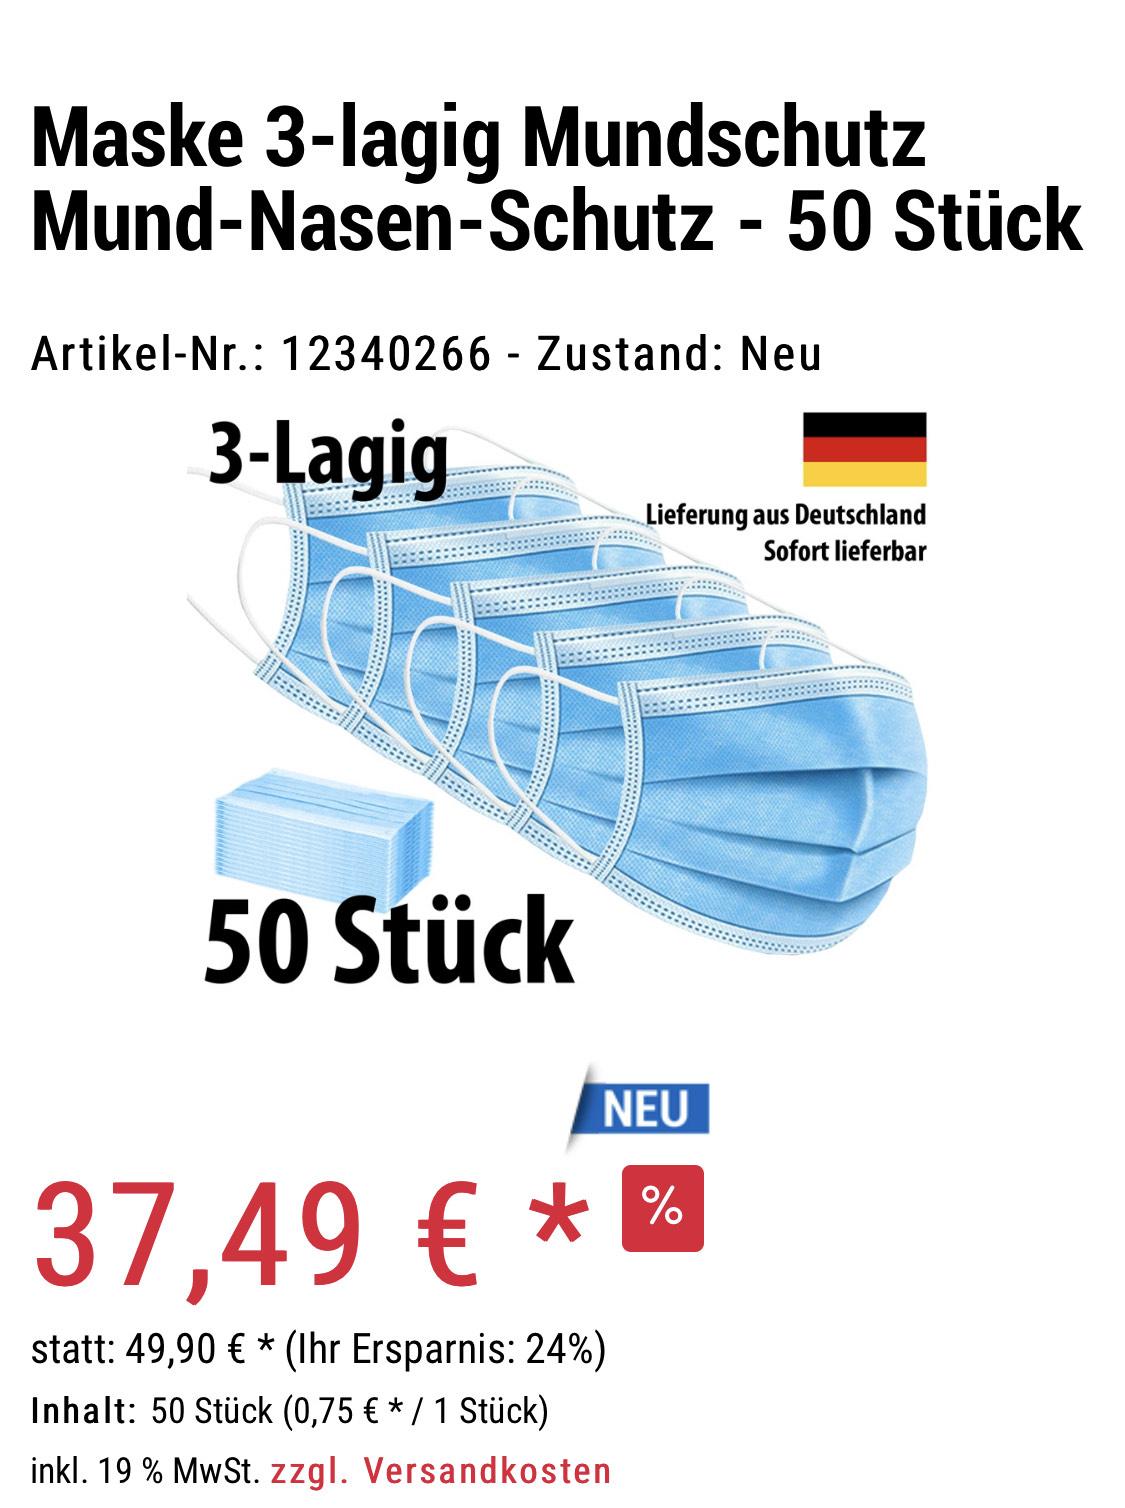 50er Packung Mundschutzmasken günstiger wie bei ALDI für 41,39€ inklusive Versand